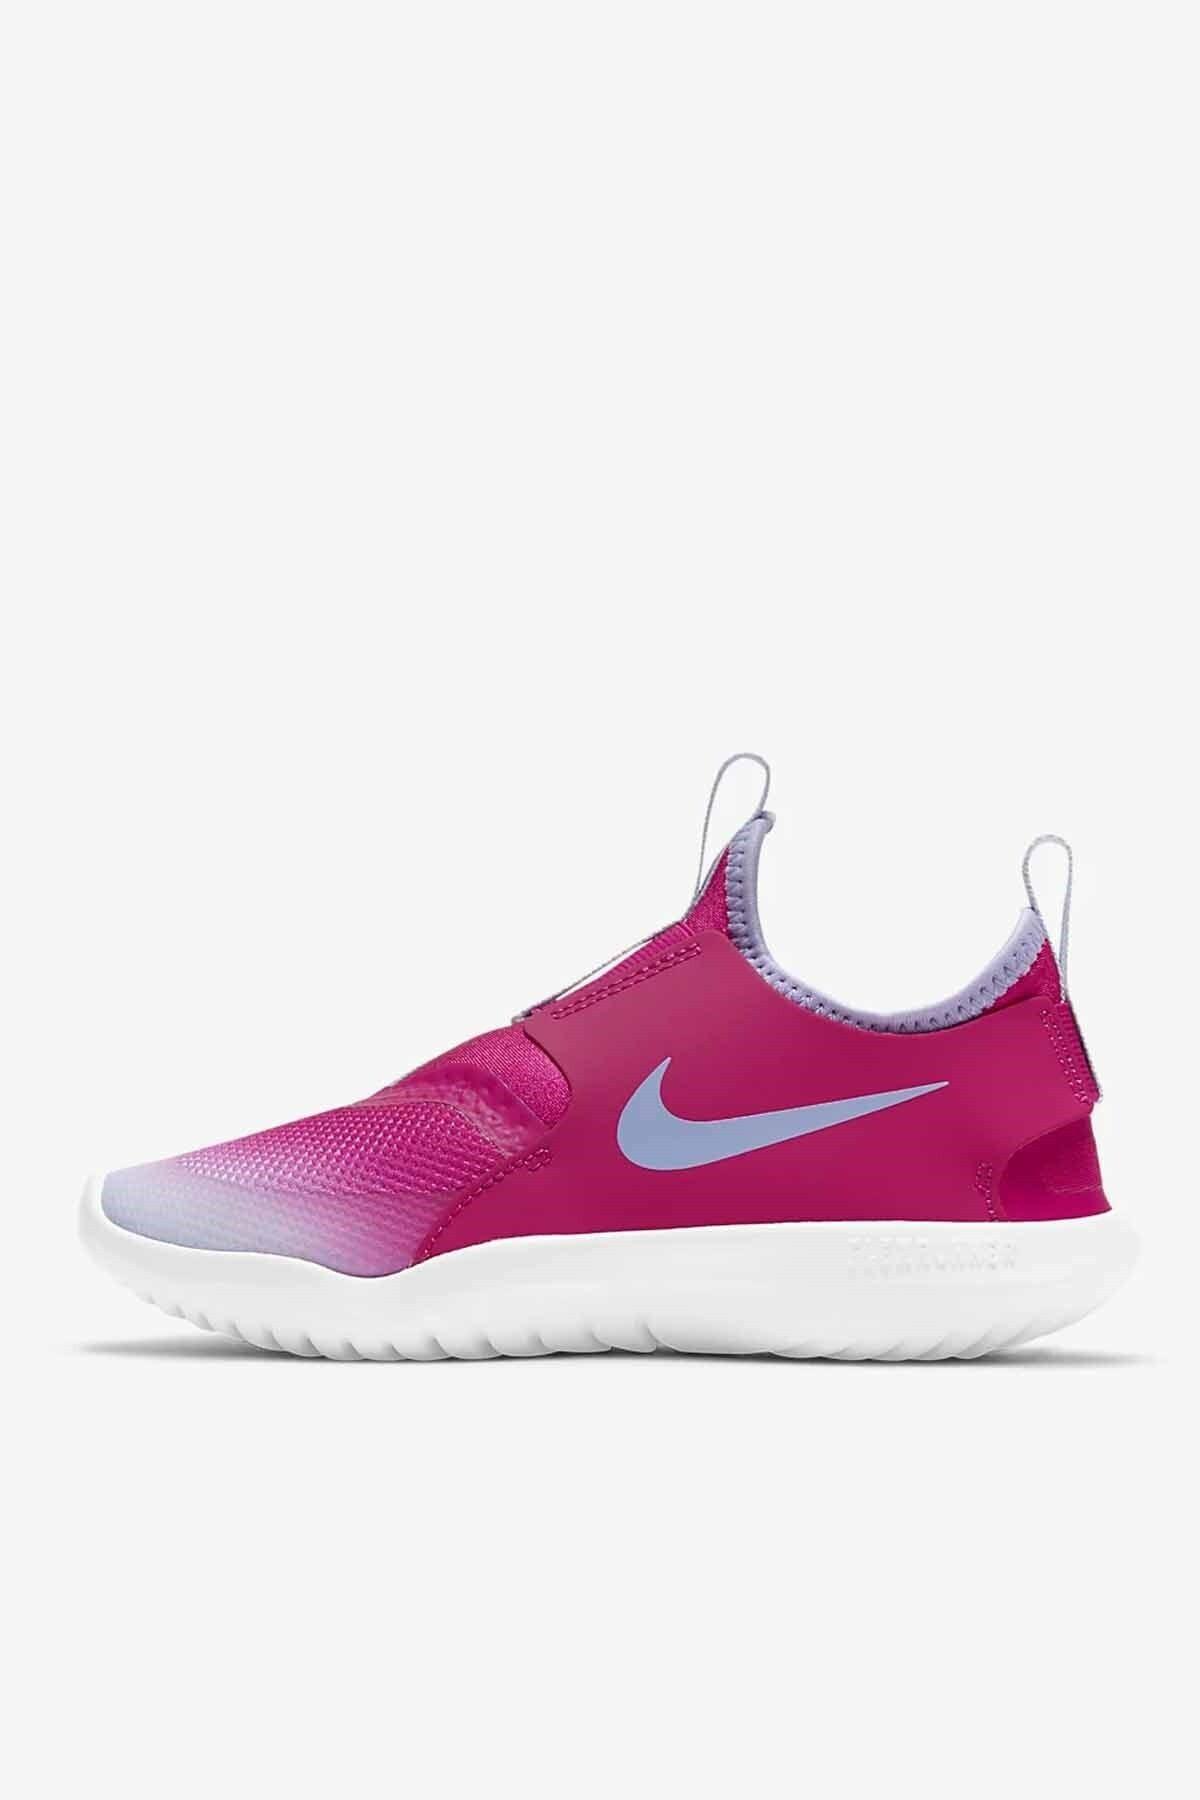 Nike Flex Runner (ps) Çocuk Yürüyüş Koşu Ayakkabı At4663-606-pembe 1